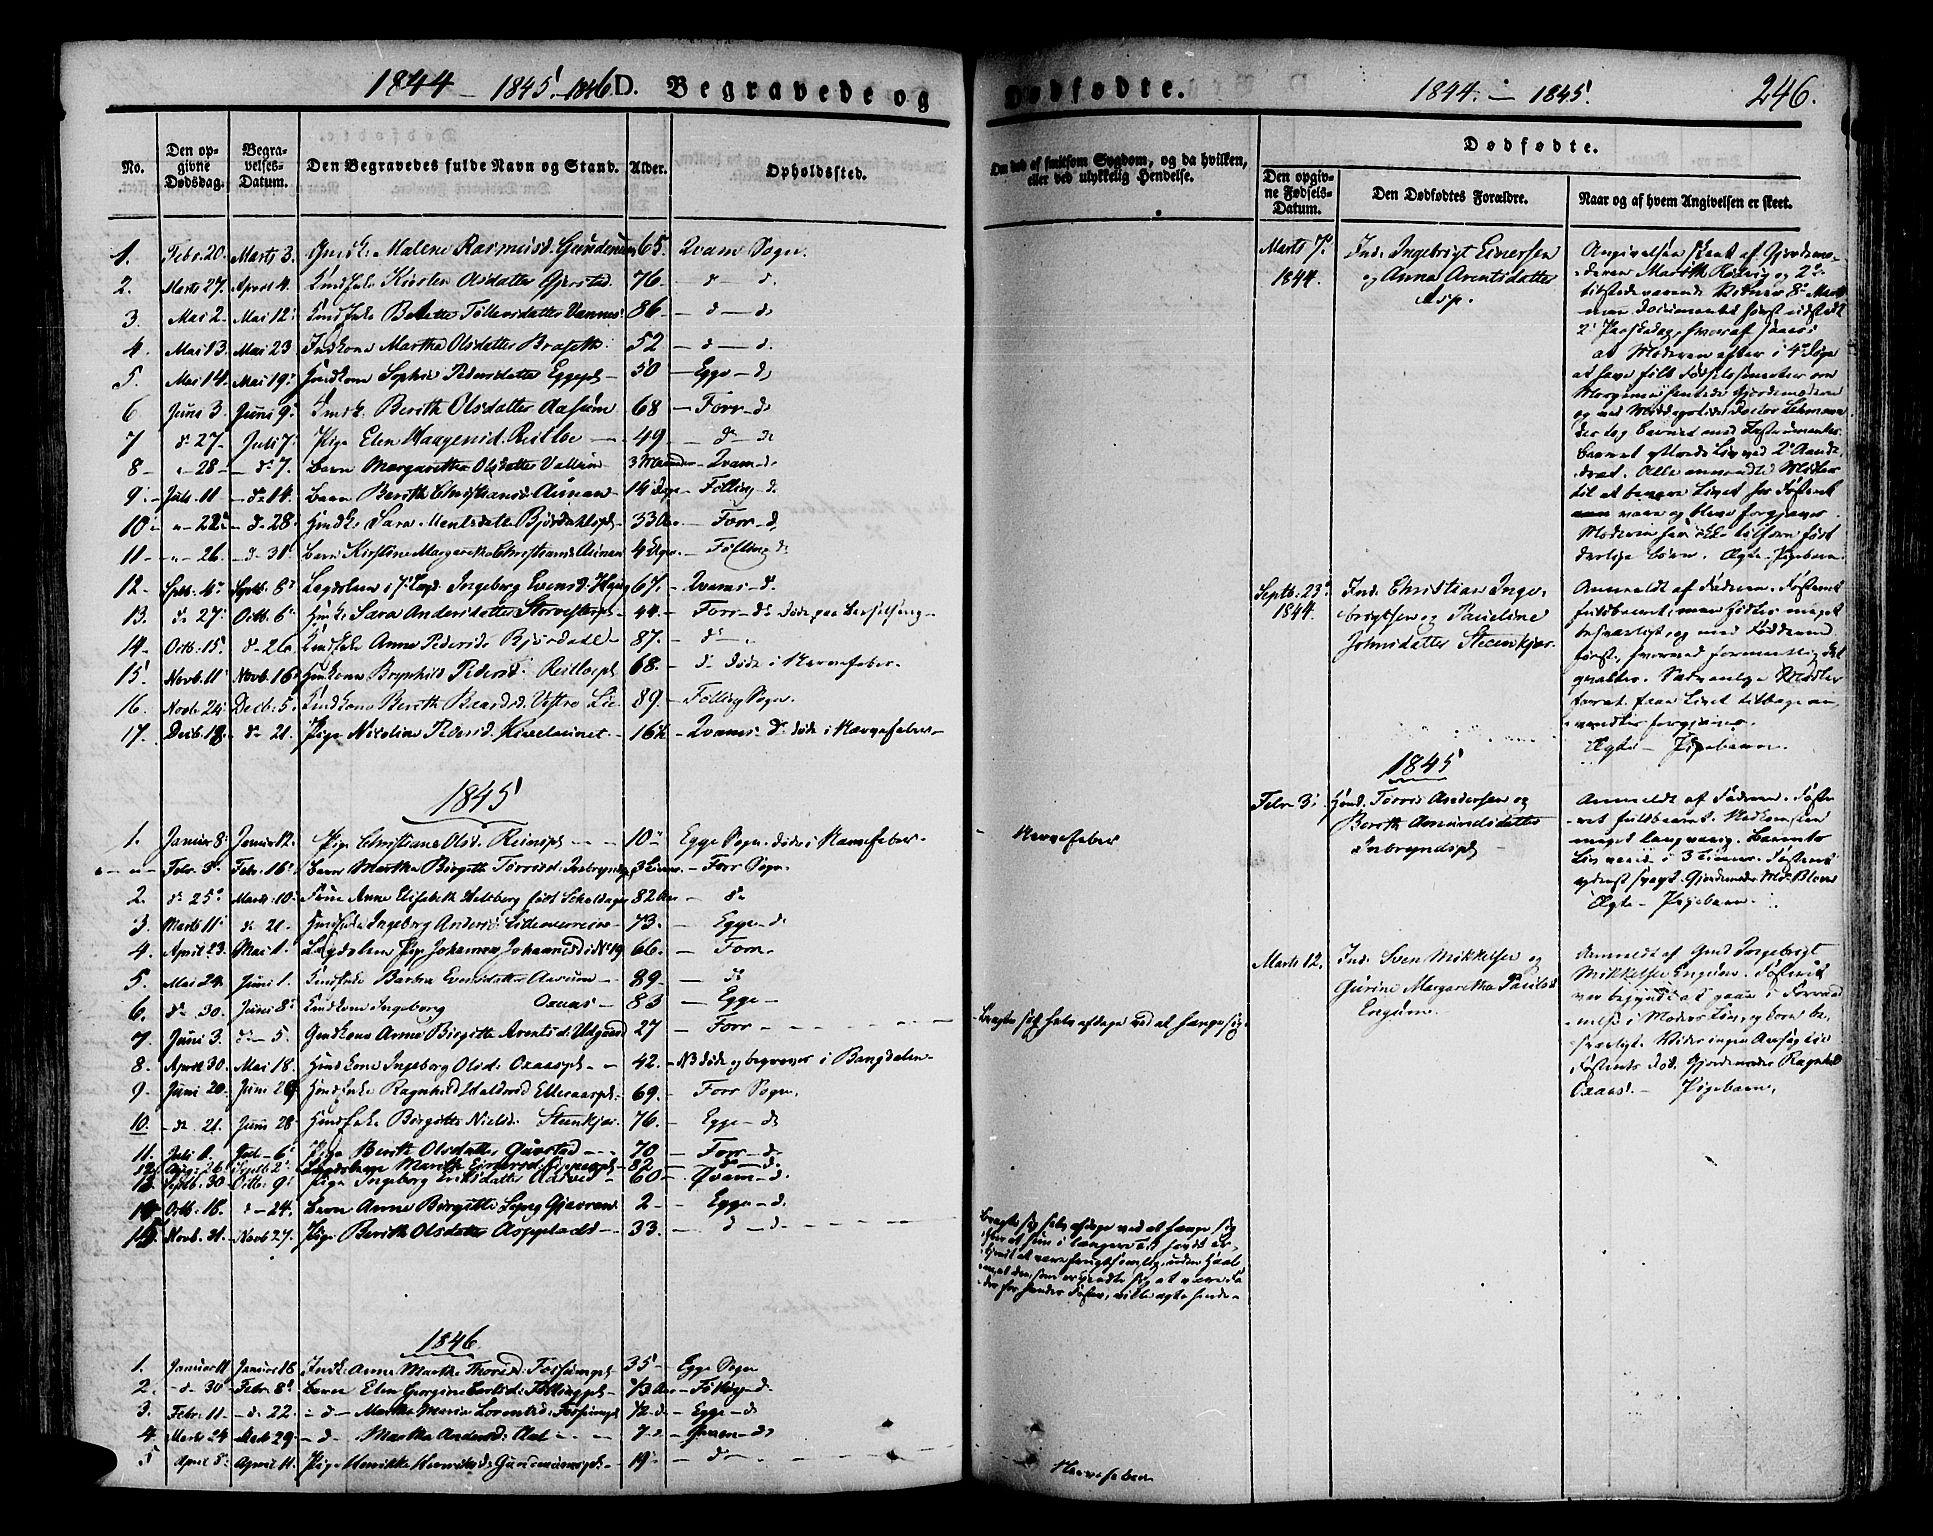 SAT, Ministerialprotokoller, klokkerbøker og fødselsregistre - Nord-Trøndelag, 746/L0445: Ministerialbok nr. 746A04, 1826-1846, s. 246